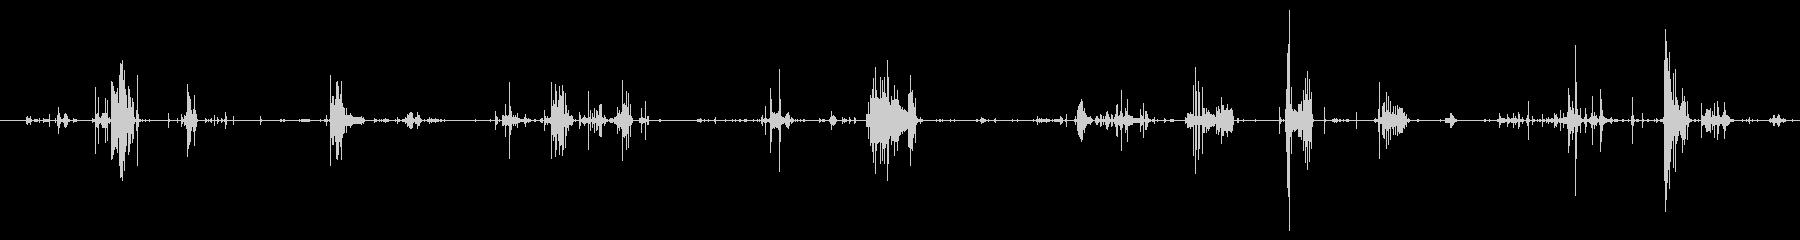 鳴き声 デスバーブルロング01の未再生の波形